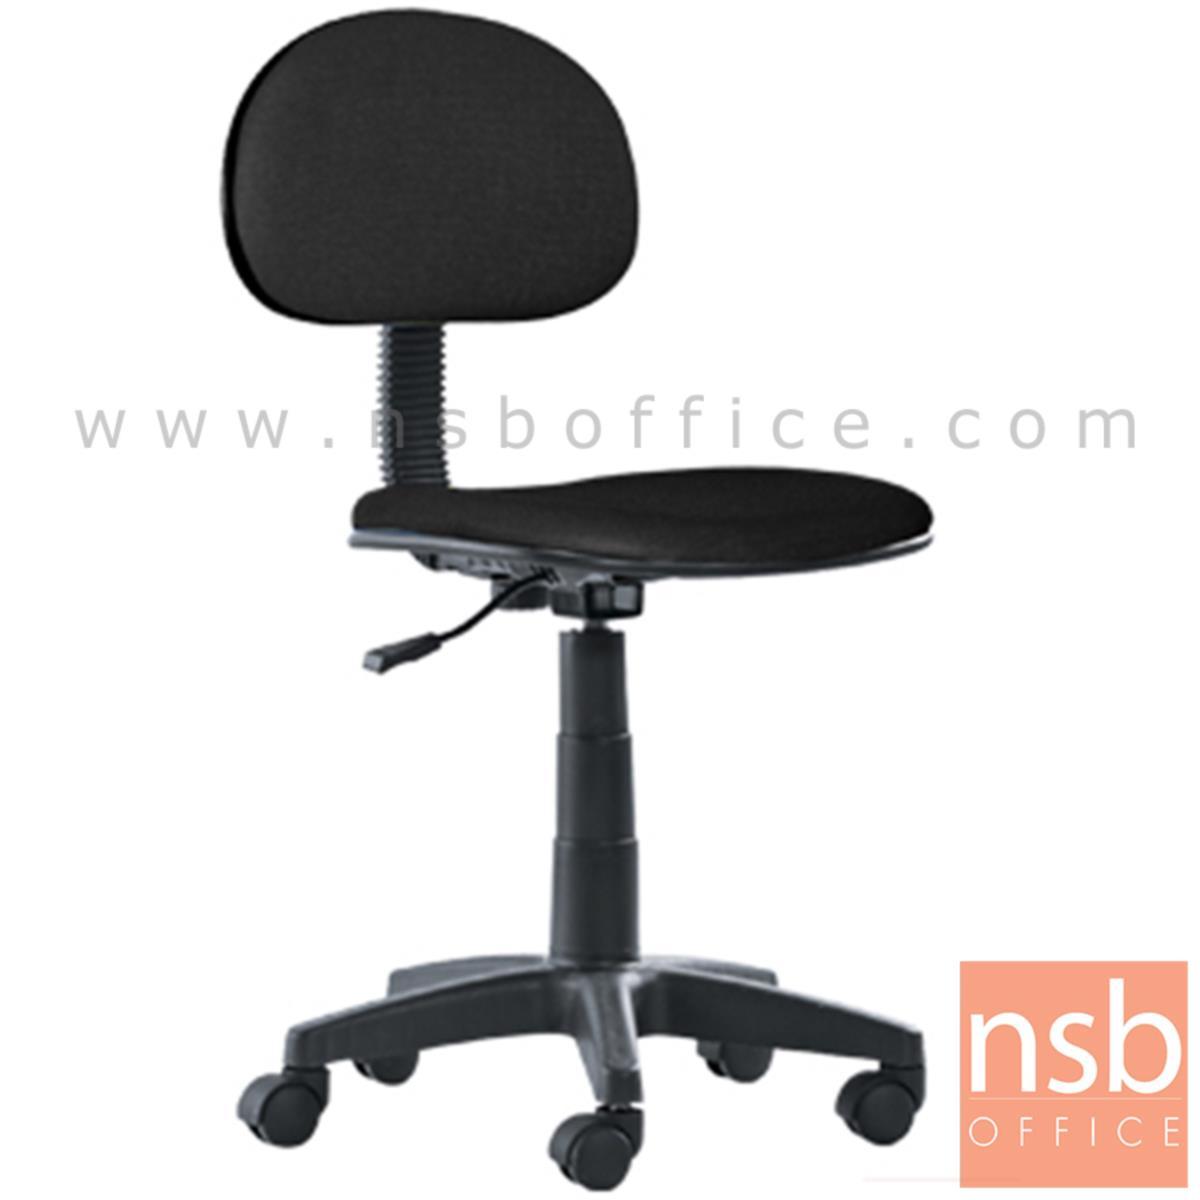 B03A478:เก้าอี้สำนักงาน  รุ่น Beechies (บีชชี่)  โช๊คแก๊ส ขาพลาสติก